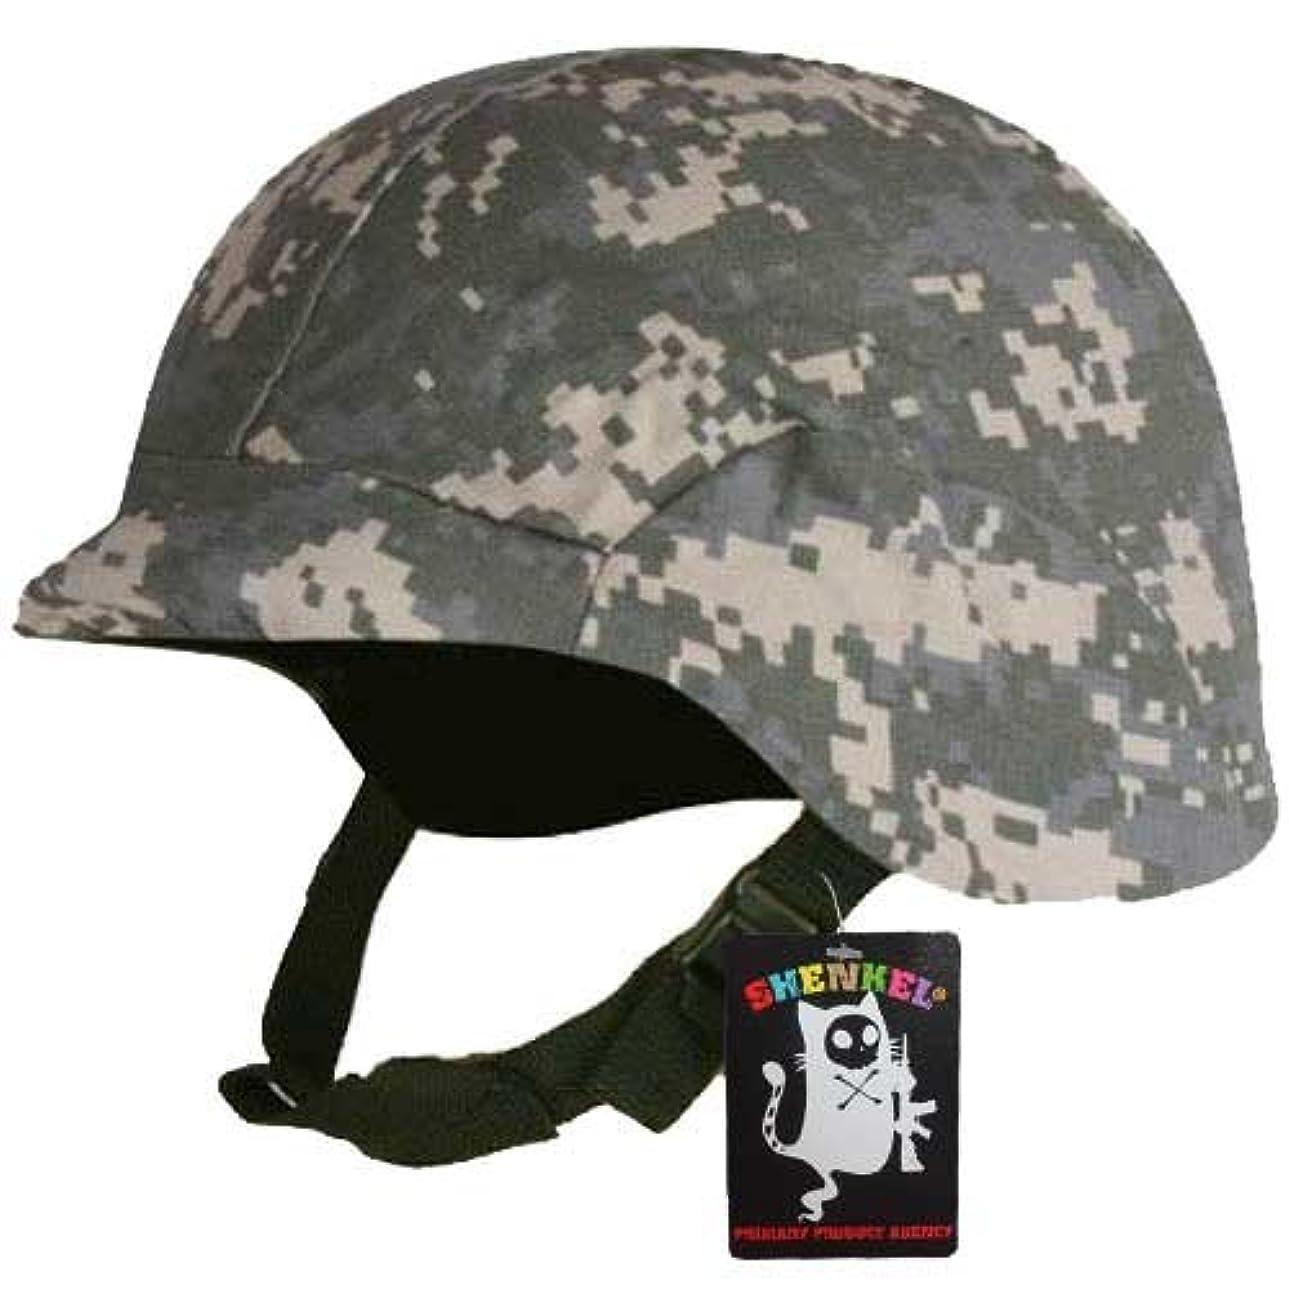 差別クロール承認ベトナム 軍 サンヘルメット サバゲー 装備 ムゥコーイ ベトコン コスプレ 人民軍 戦 ムウコーイ ヘルメット タン カーキ